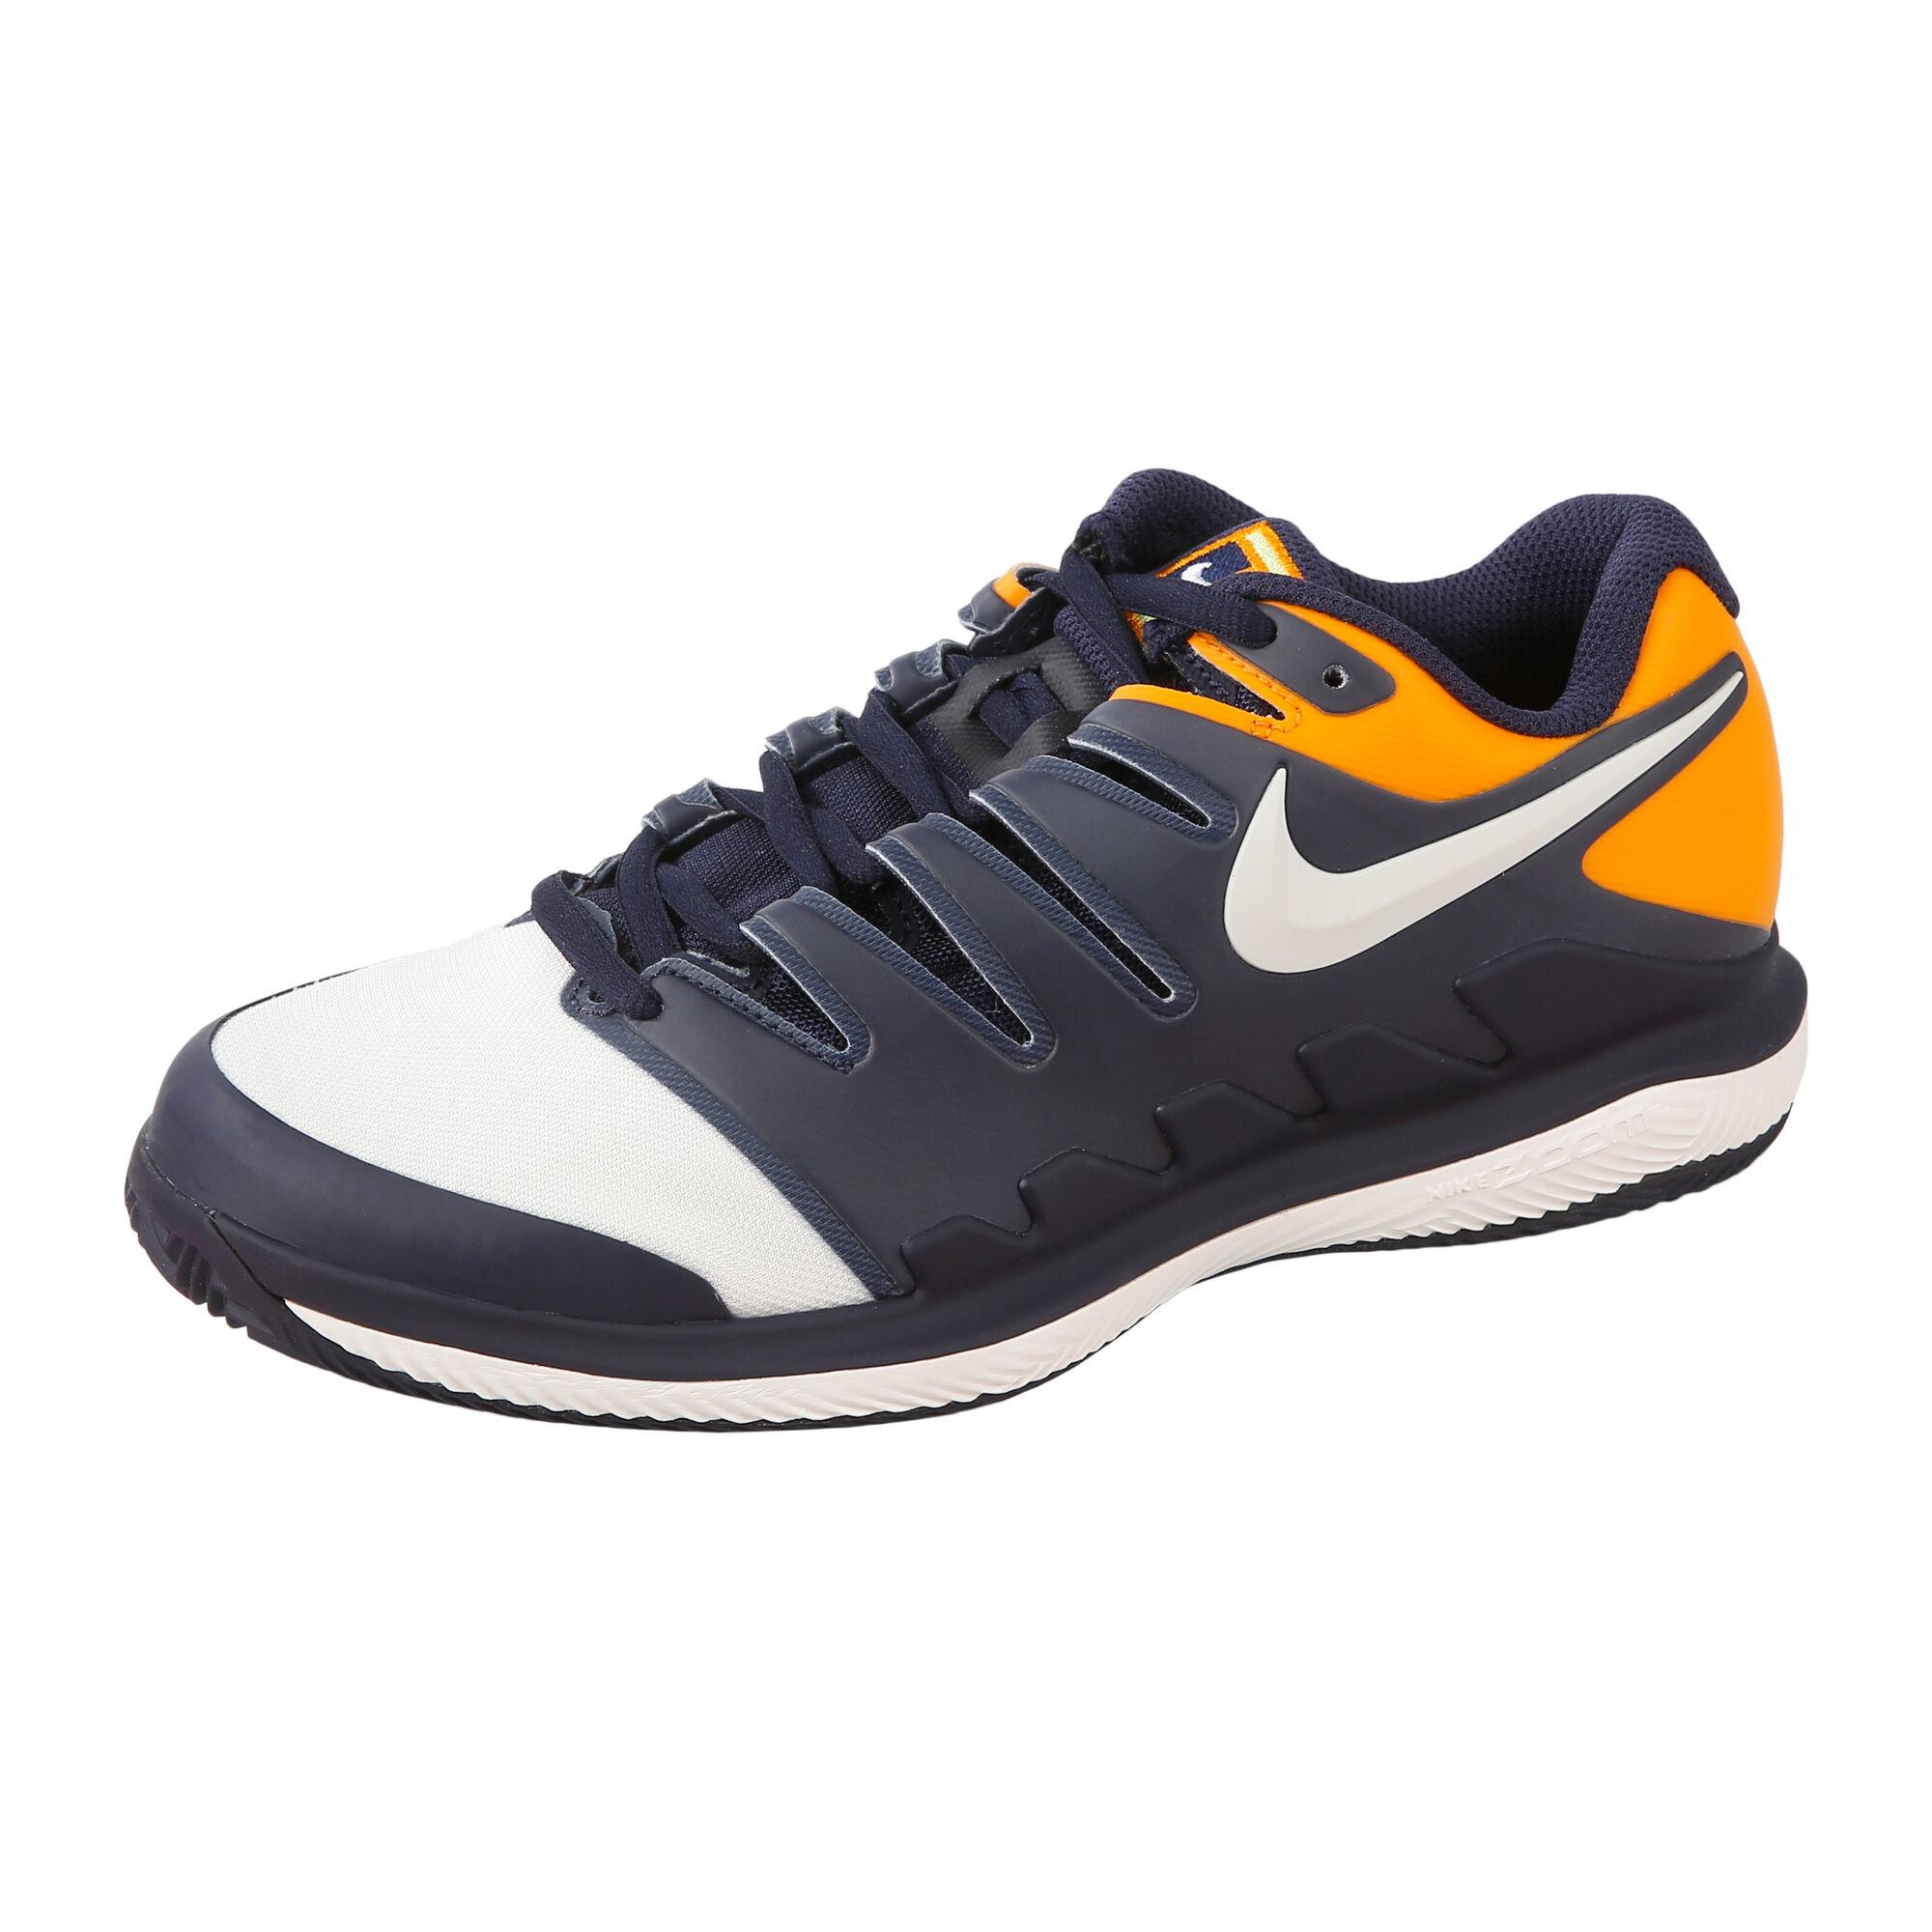 11c914bcf1d Nike Air Zoom Vapor X Clay Sko För Grus Herrar - Mörkblå, Vit köp ...